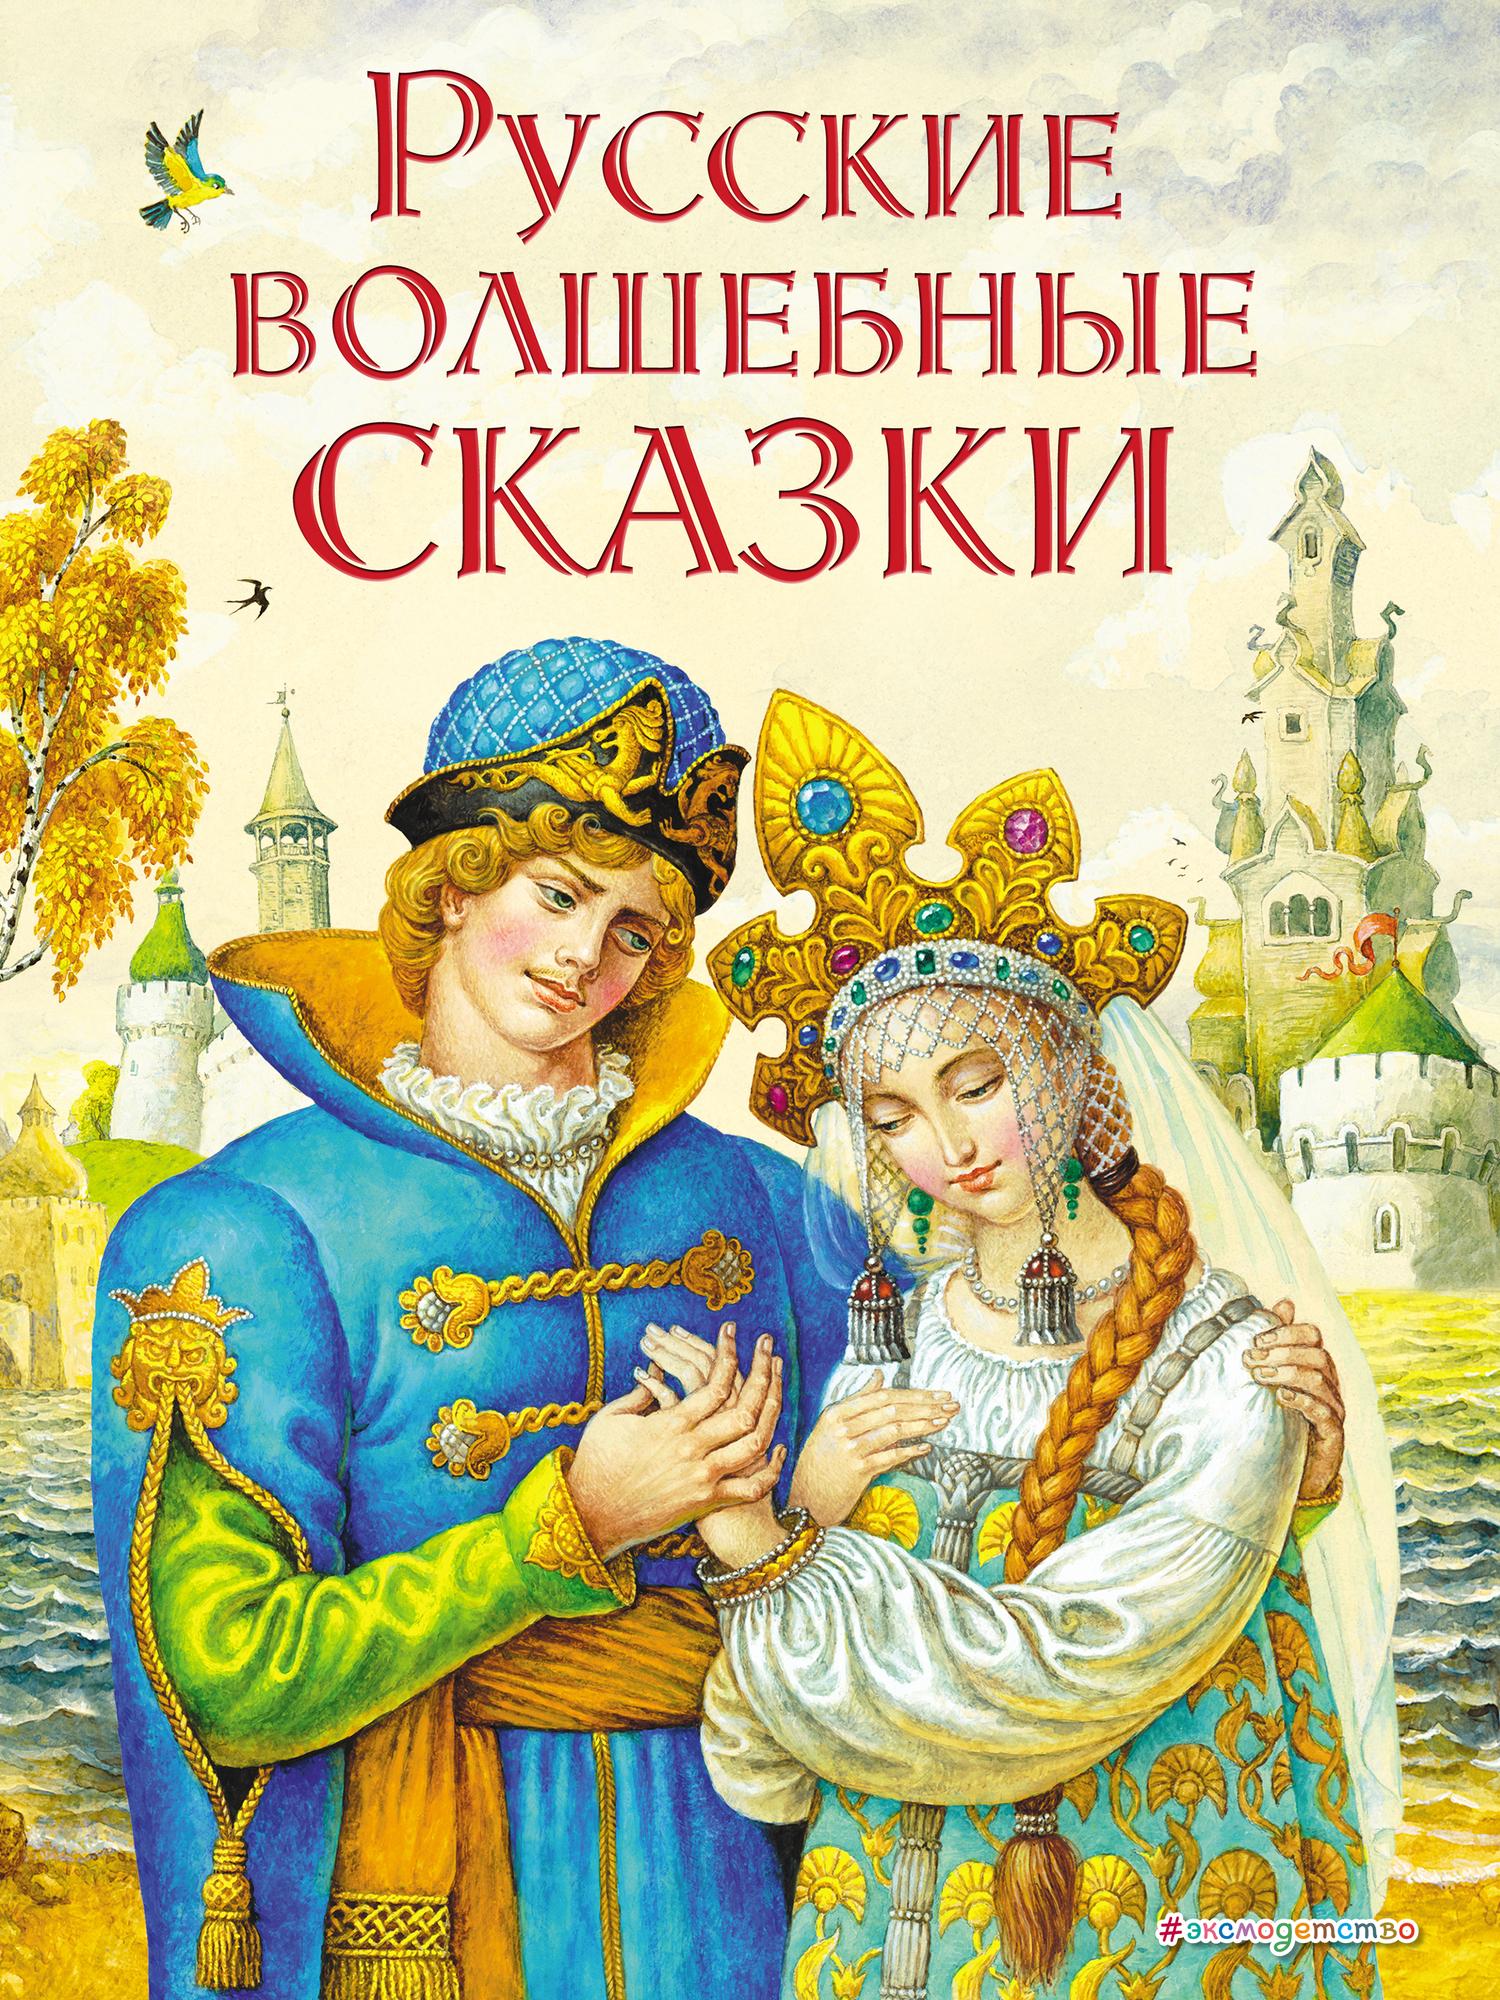 Народное творчество Русские волшебные сказки народное творчество сказки страны восходящего солнца японские сказки